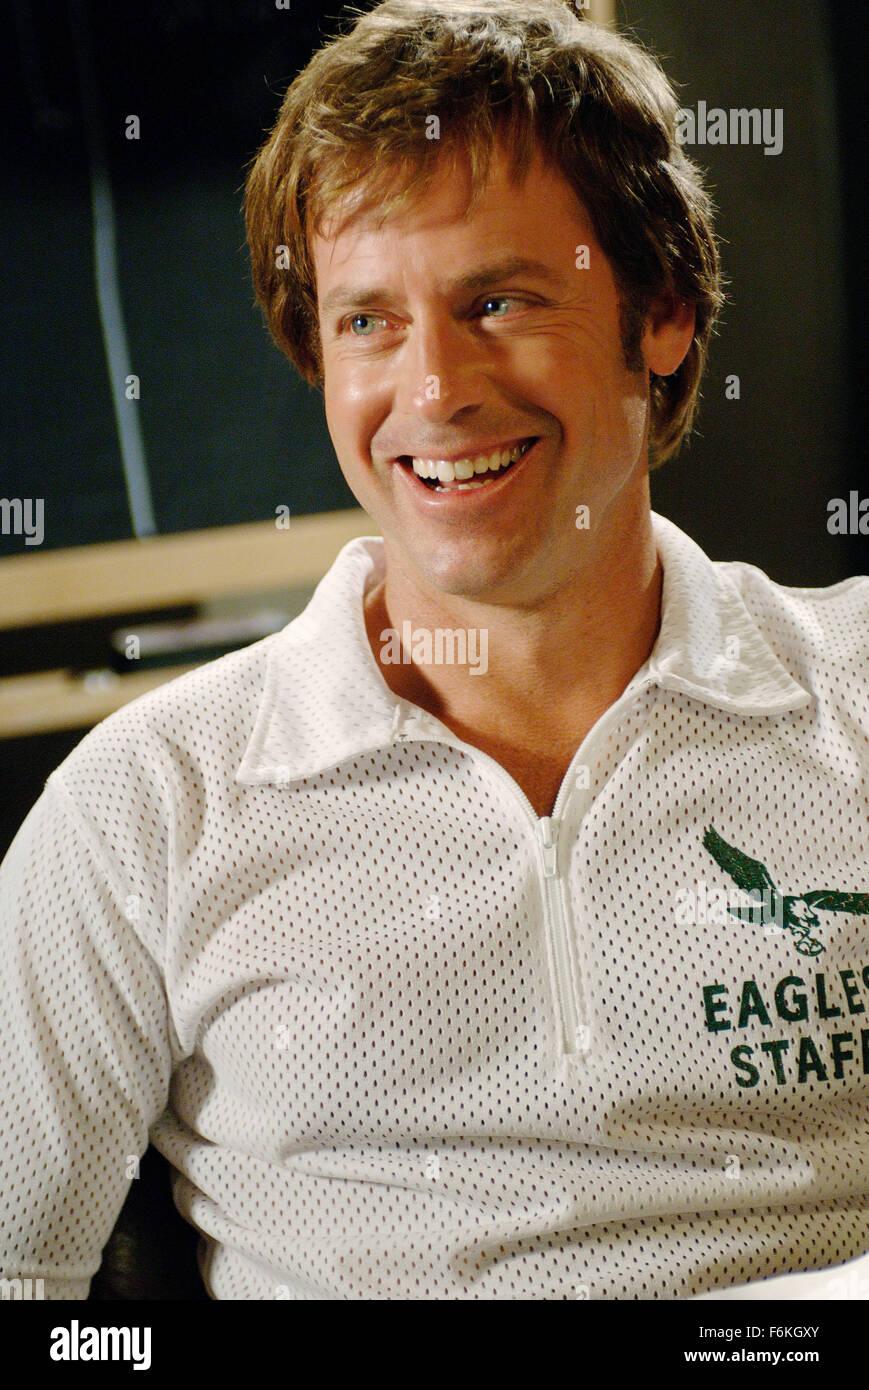 dating een Eagles fan vragen te stellen via online dating